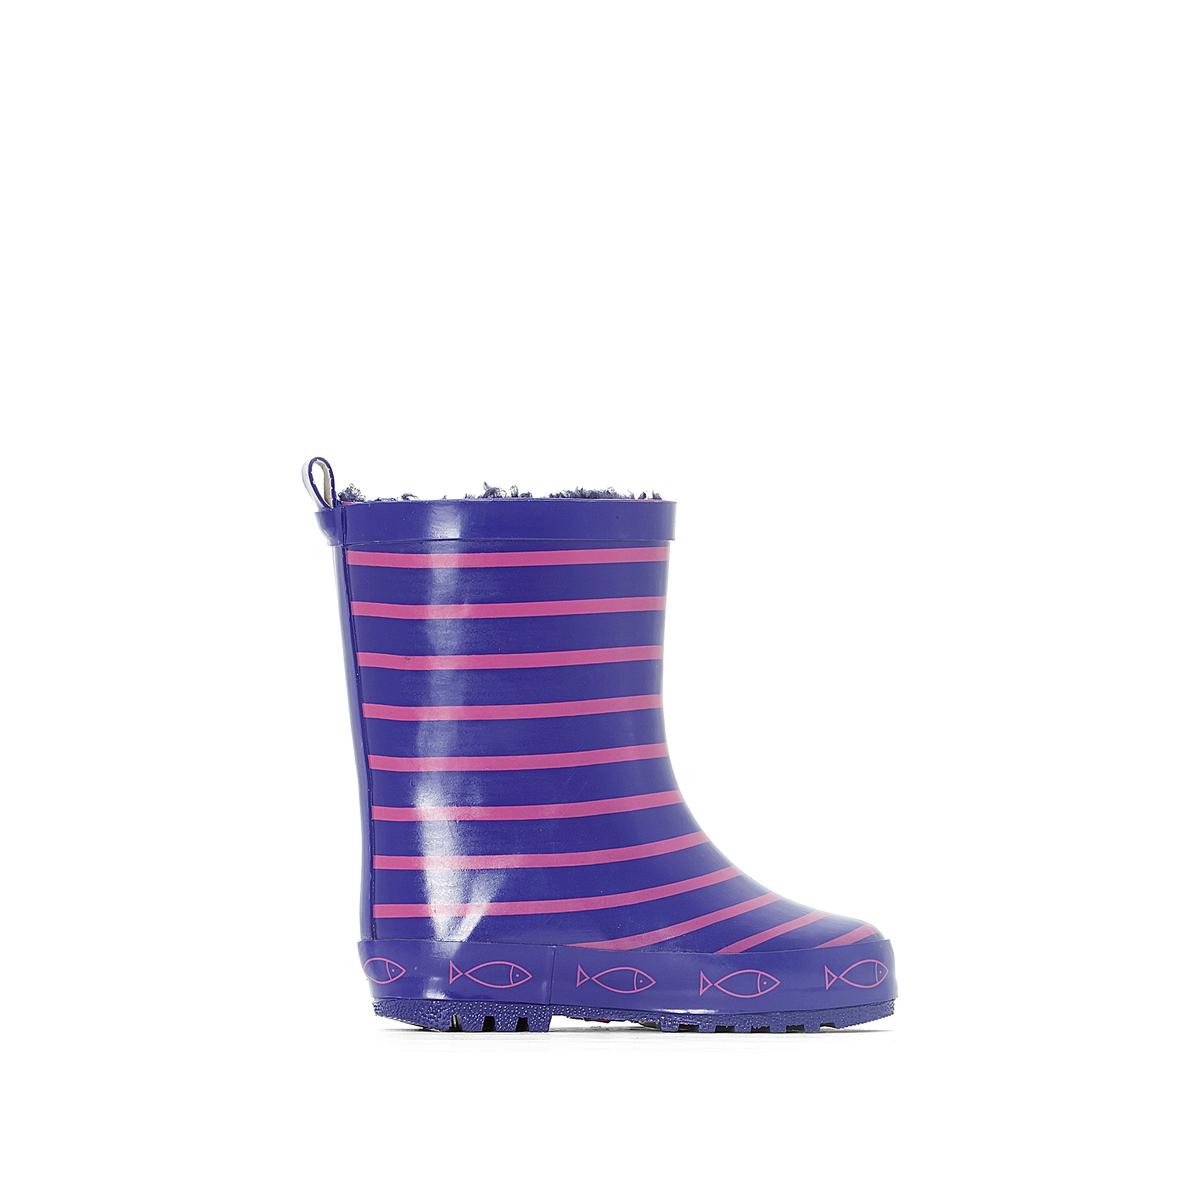 Сапоги резиновые TIMOUSS VIOLET FUSCHIAДетали   •  Резиновые сапоги •  Плоский каблук •  Круглый мысок •  Застежка : без застежки •  Высота каблука : 1 см.Состав и уход   •  Верх 100% каучук •  Подкладка 100% полиэстер •  Стелька 100% текстиль •  Подошва 100% каучук<br><br>Цвет: фиолетовый<br>Размер: 25